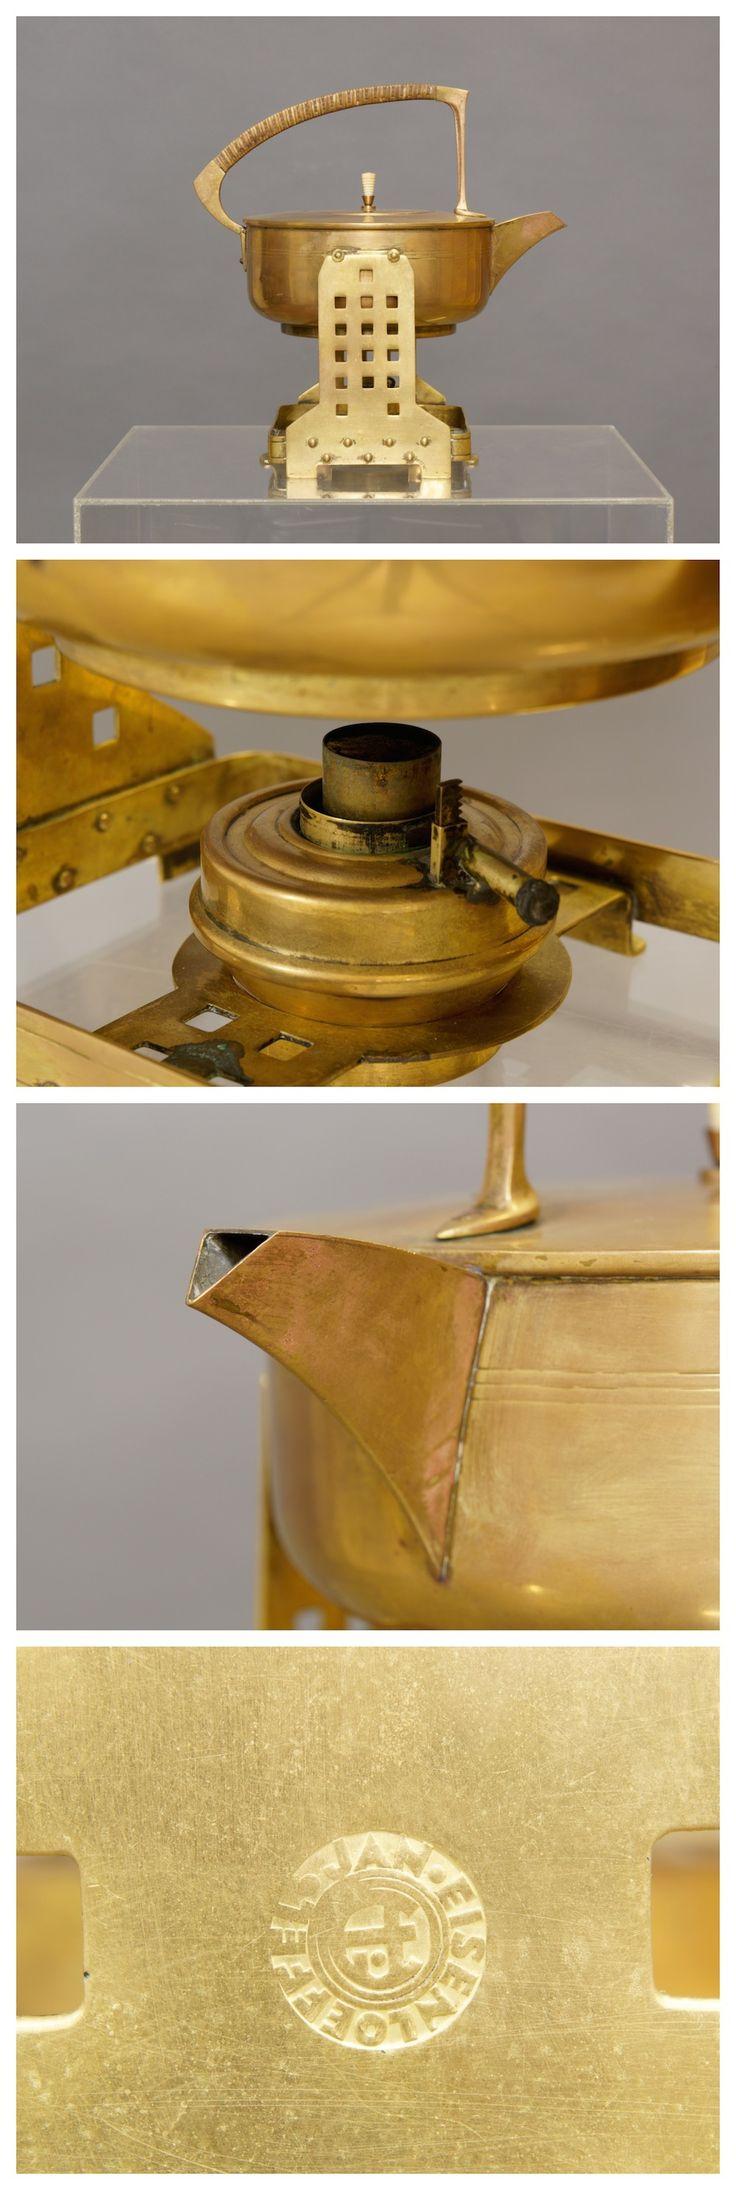 Jan Eisenloeffel brass spirit kettle, c.1905.